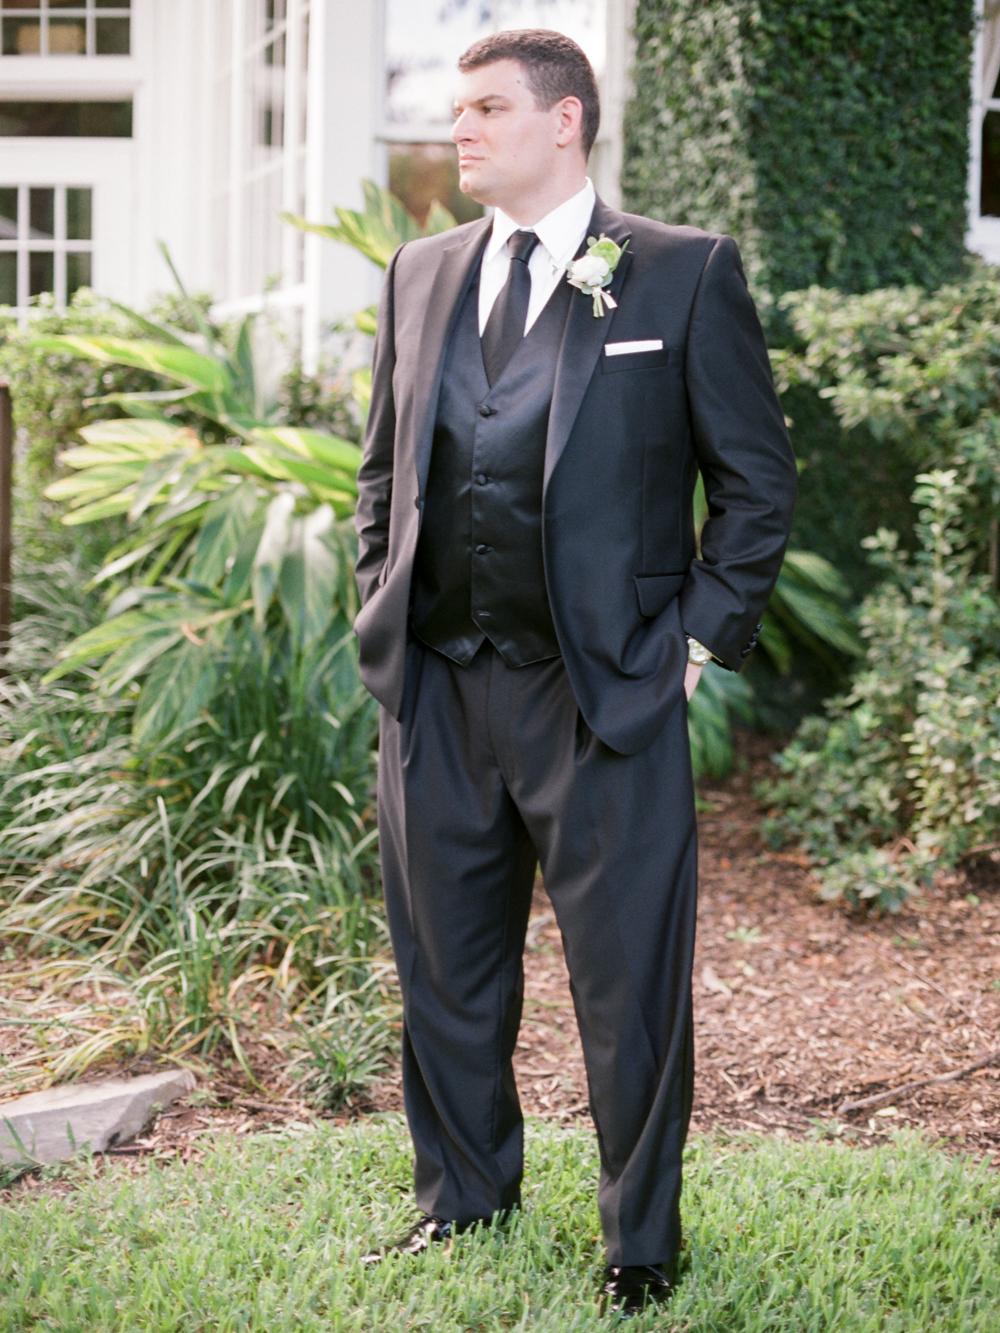 Royal wedding inspiration_christine Gosch_Houston wedding photographer_houston wedding _houston film photographer_film photographer_www.christinegosch.com-5.jpg